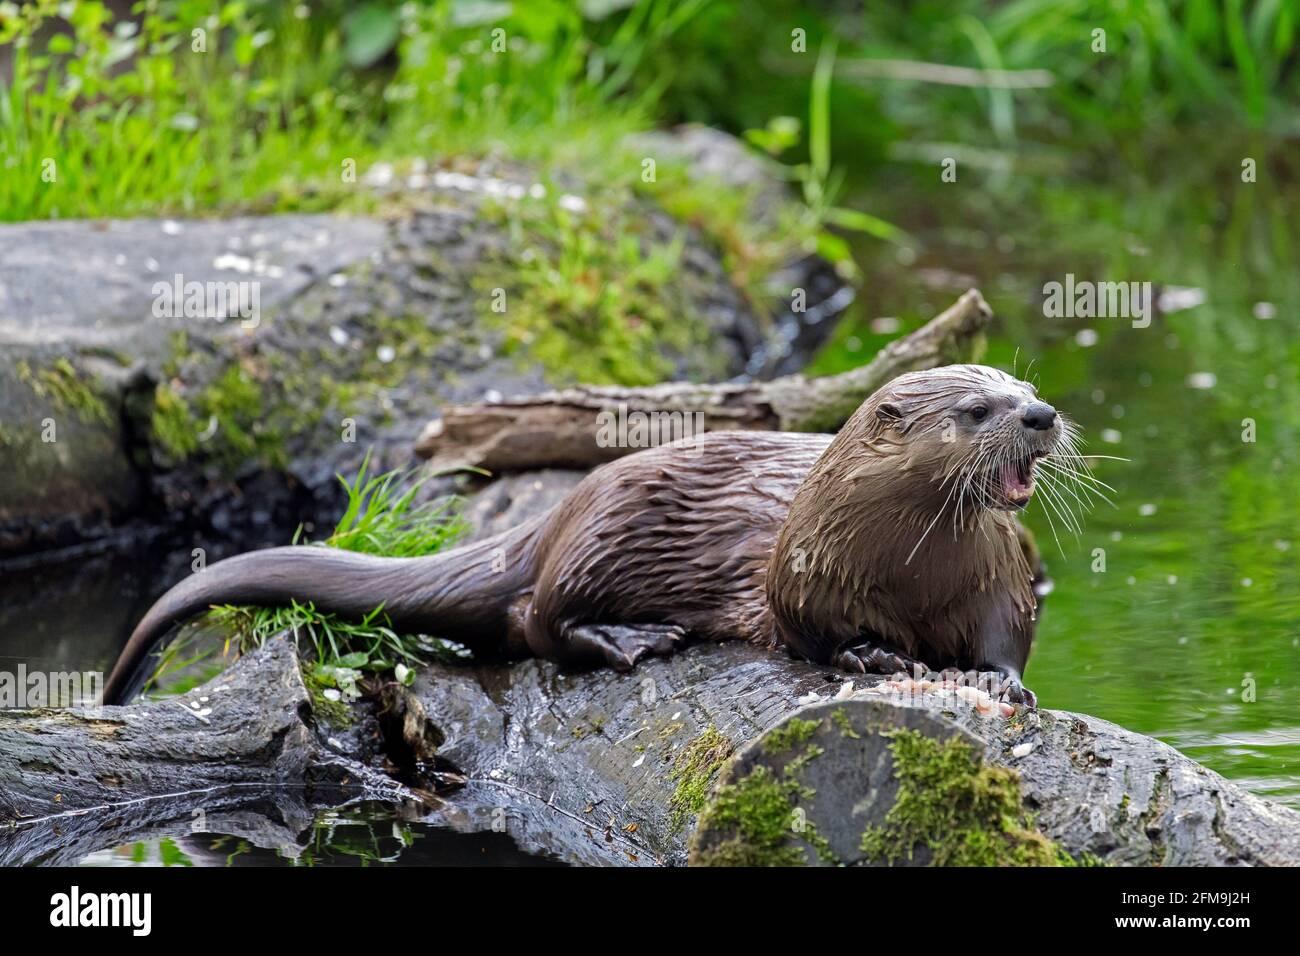 Loutre eurasien / loutre de rivière européen (Lutra lutra) appel de bûche tombée dans l'eau de creek dans la forêt Banque D'Images